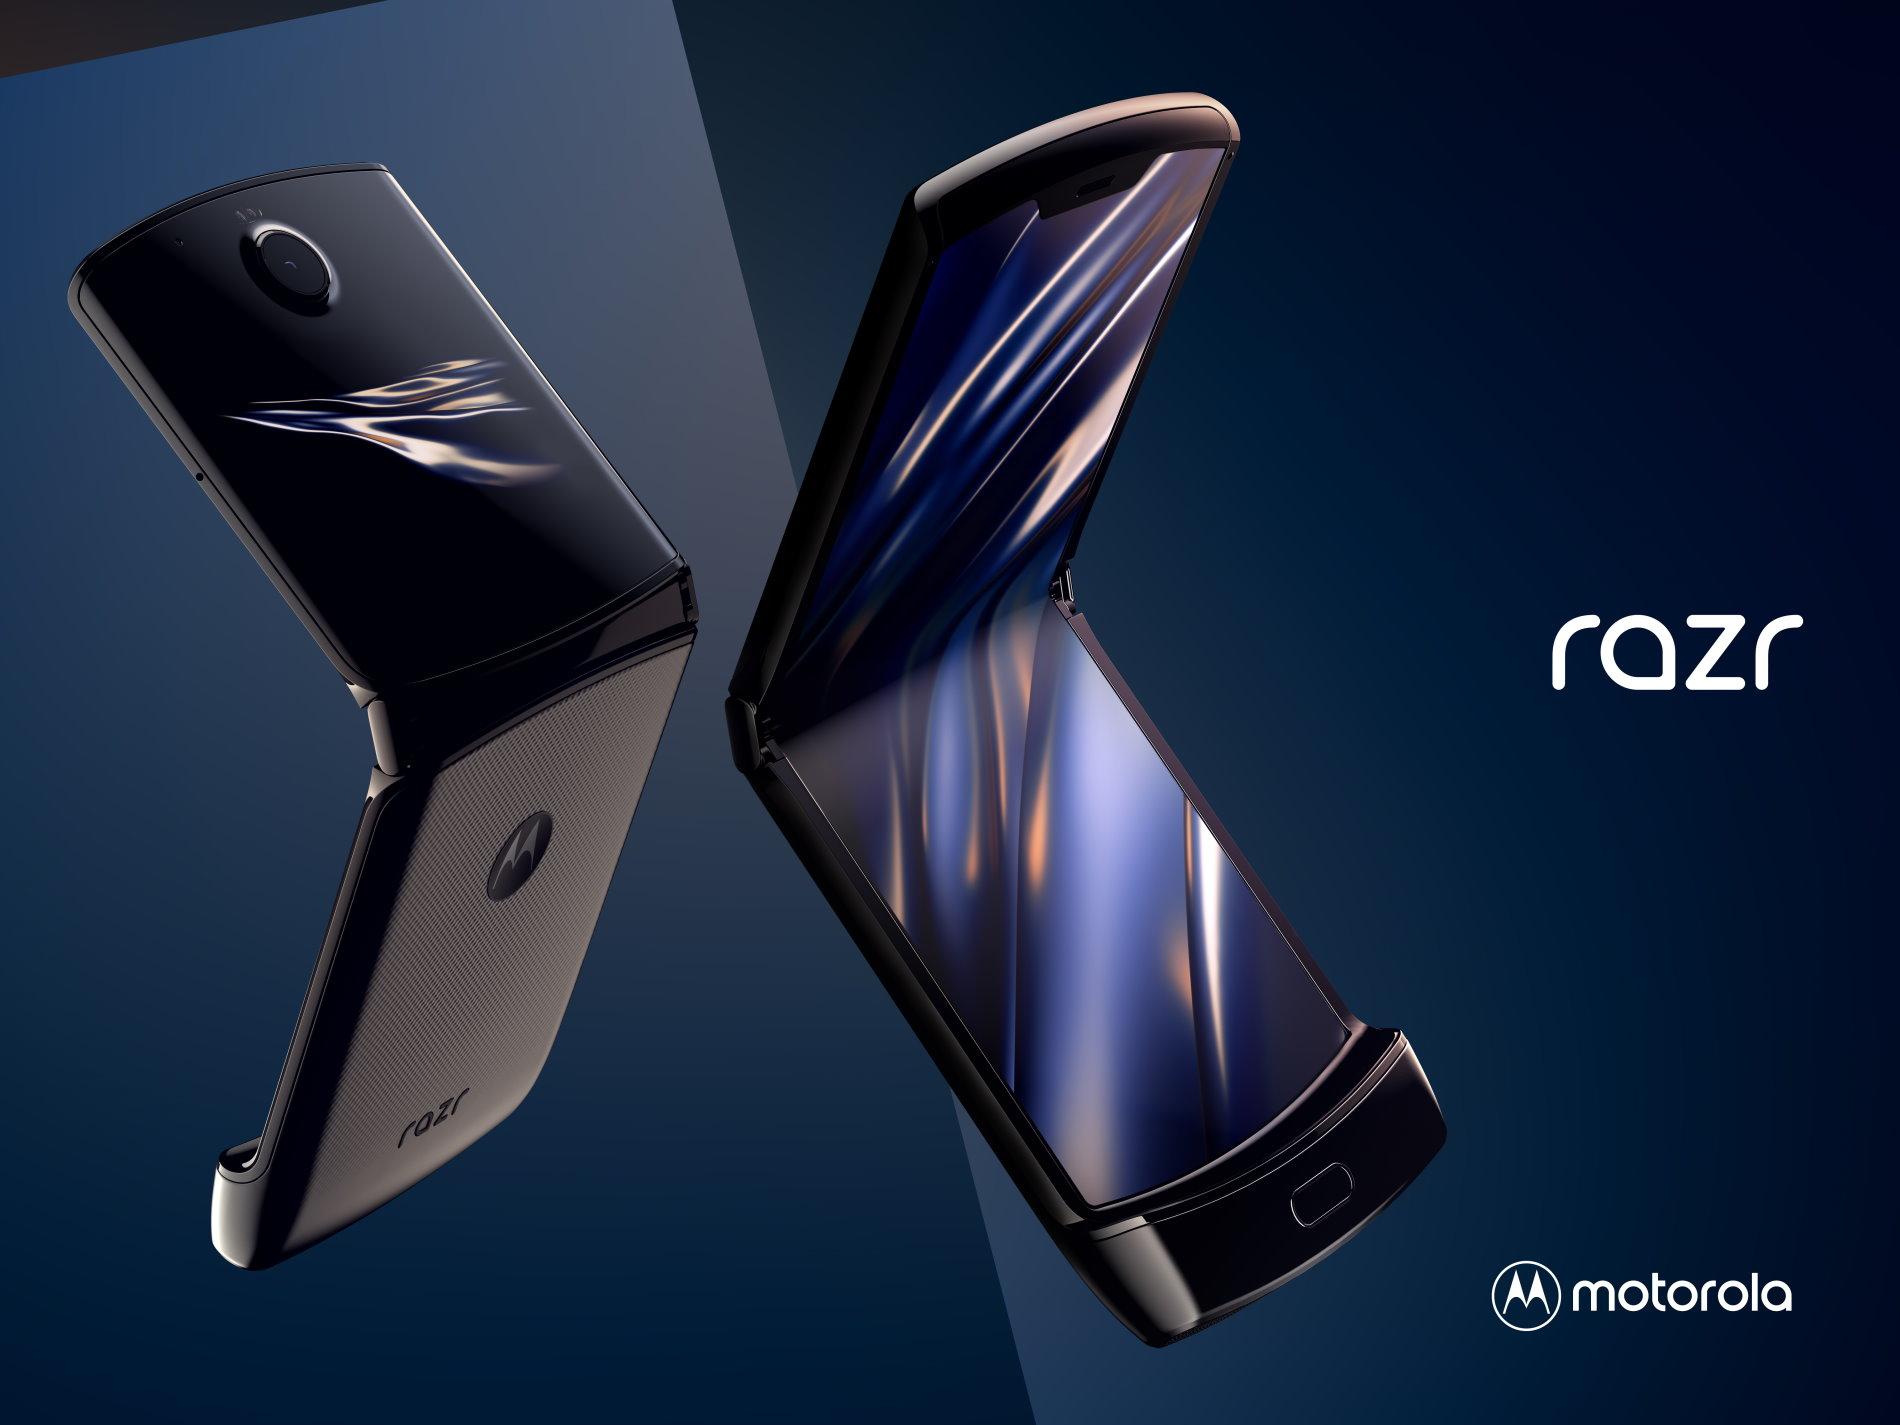 3 actualités qui ont marqué la semaine : Motorola RAZR officialisé, Galaxy S11 plus grands et prix chez SFR